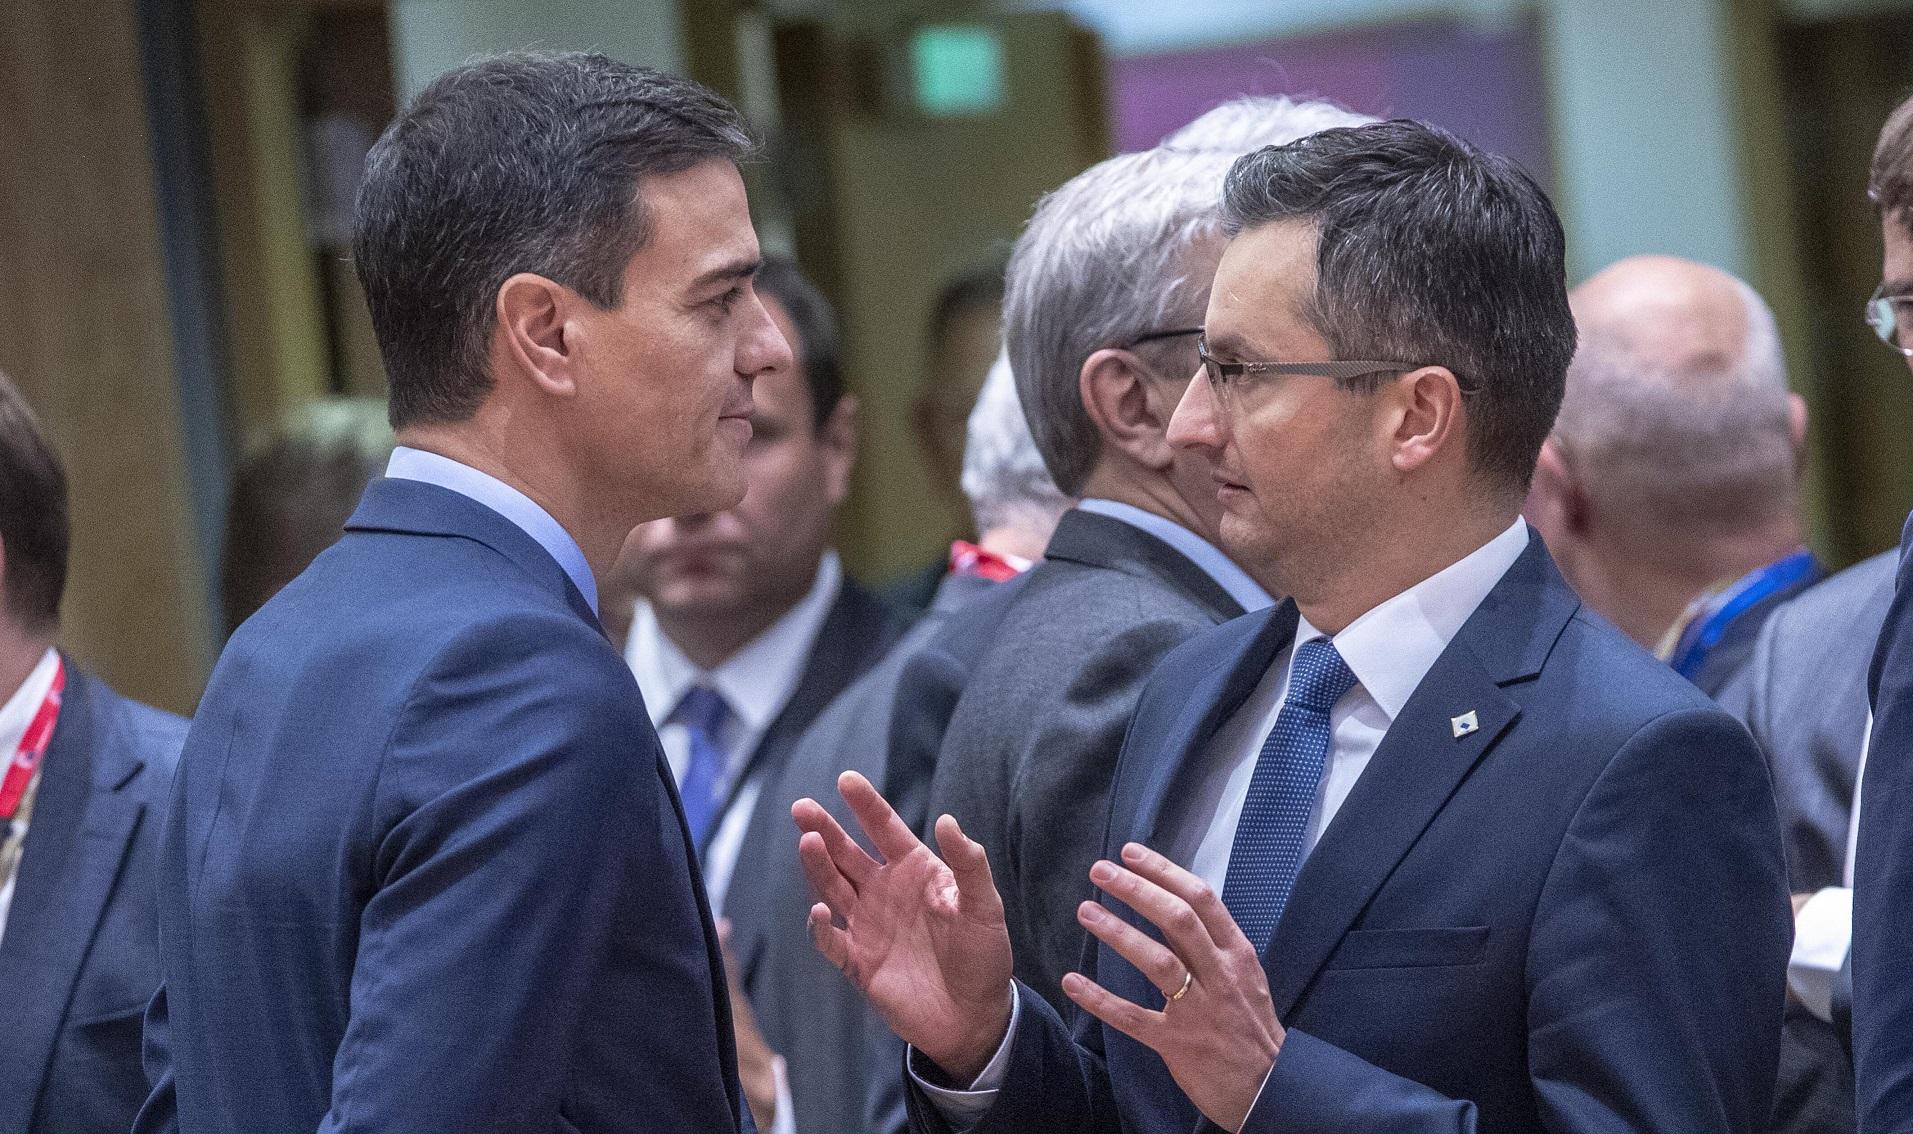 Prime Minister of Slovenia criticises Spanish repression - VilaWeb